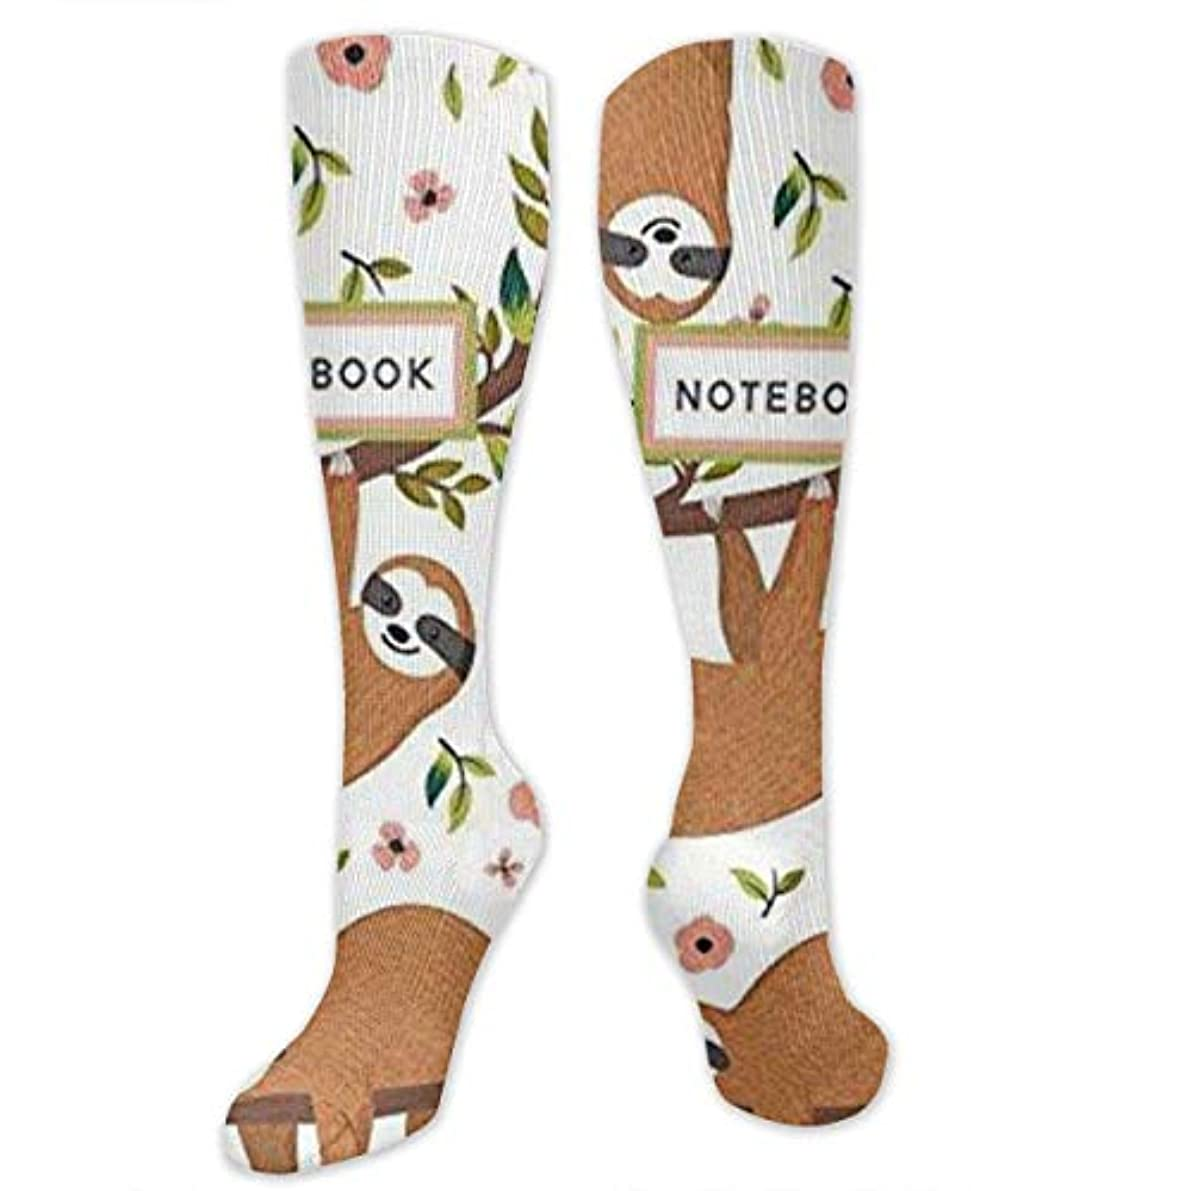 混沌キッチン浸漬靴下,ストッキング,野生のジョーカー,実際,秋の本質,冬必須,サマーウェア&RBXAA Pet Animal Sloth Socks Women's Winter Cotton Long Tube Socks Knee...